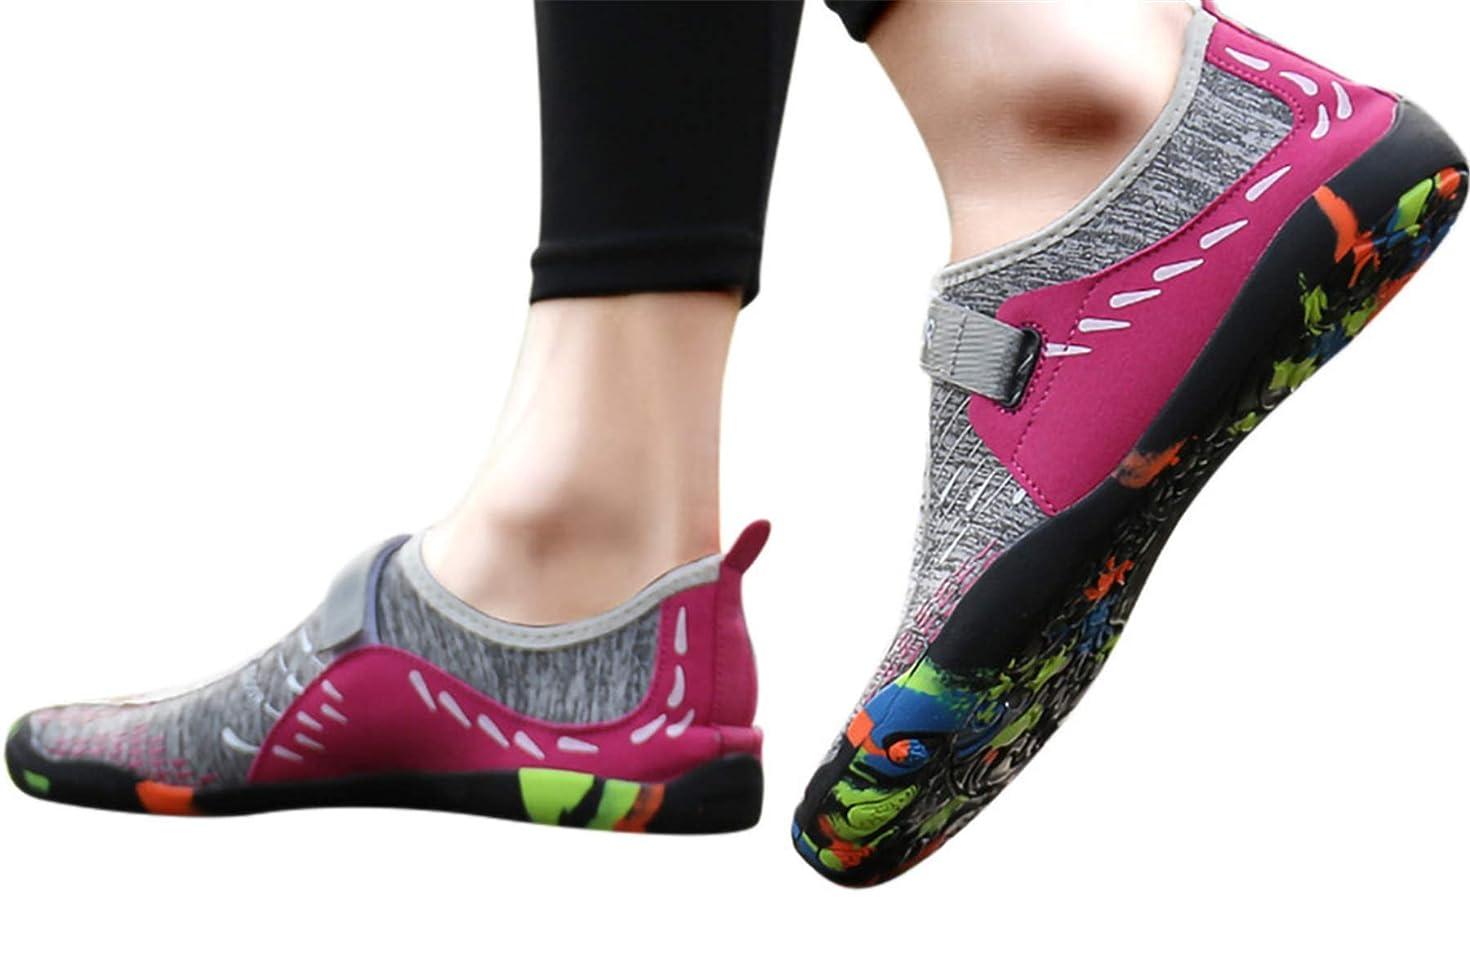 3ea3cc3a4429 mens water shoes - chant-et-theatre.com